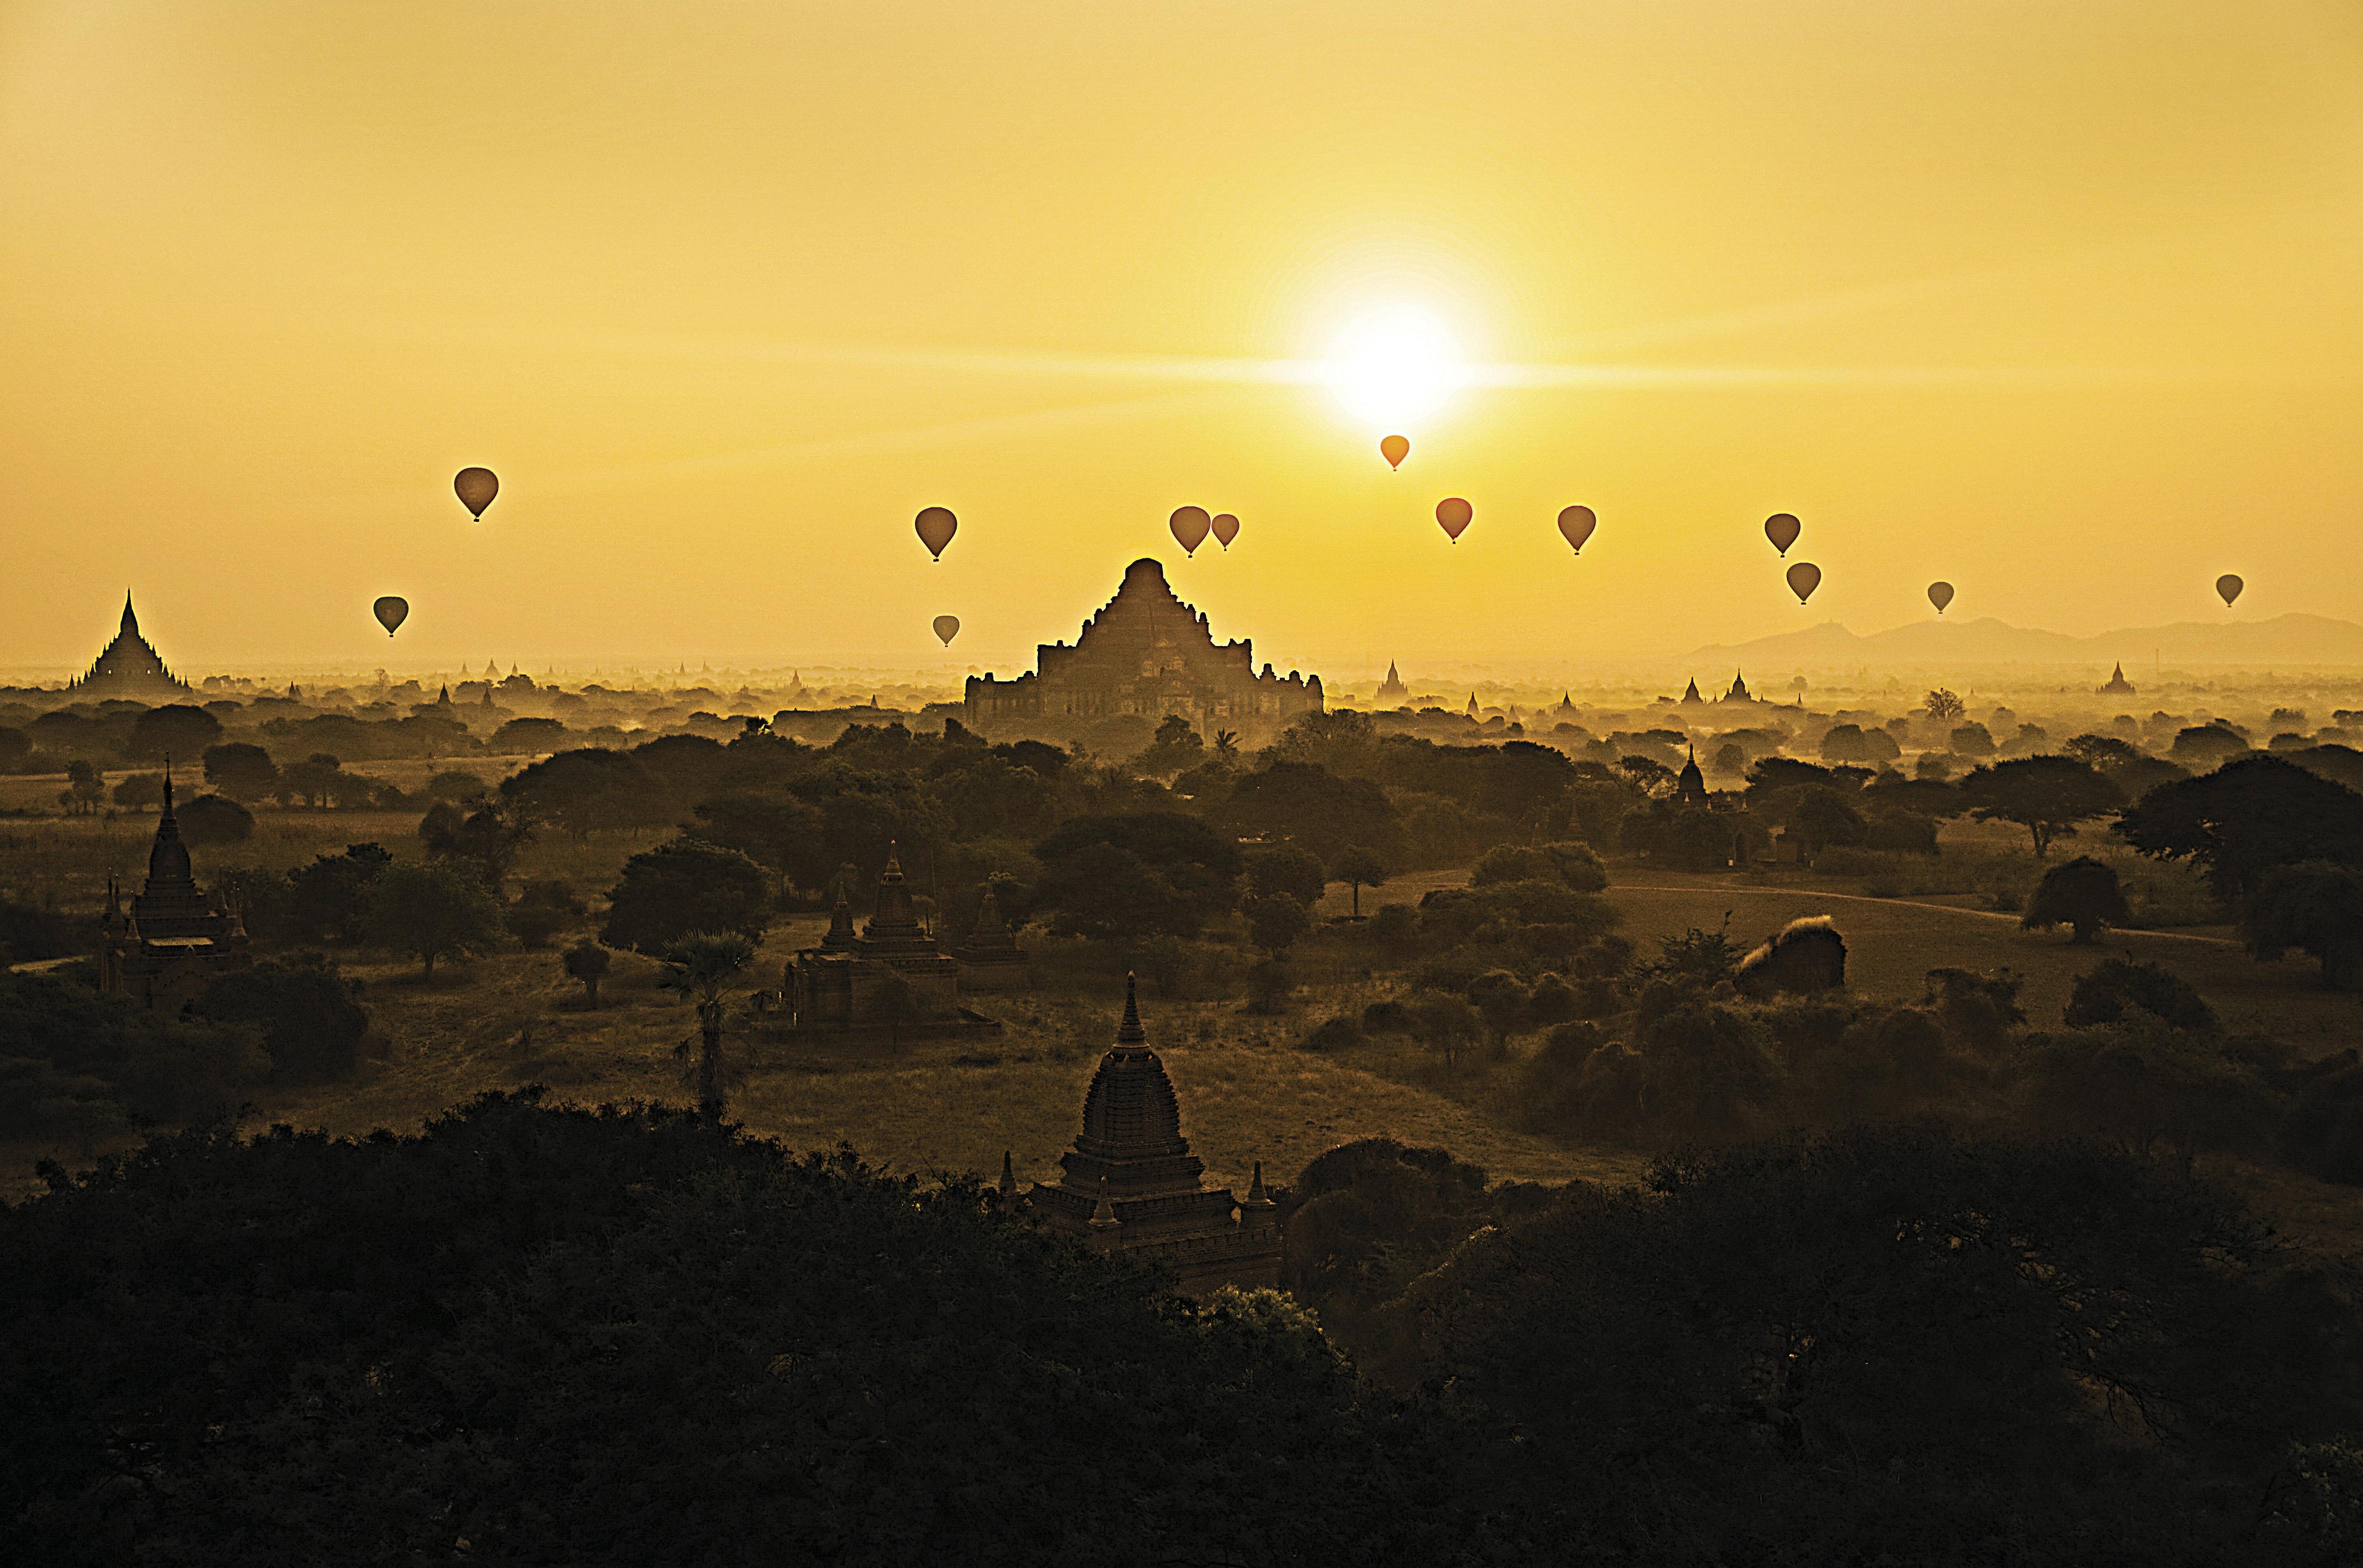 Balões sobre Bagan, no Mianmar